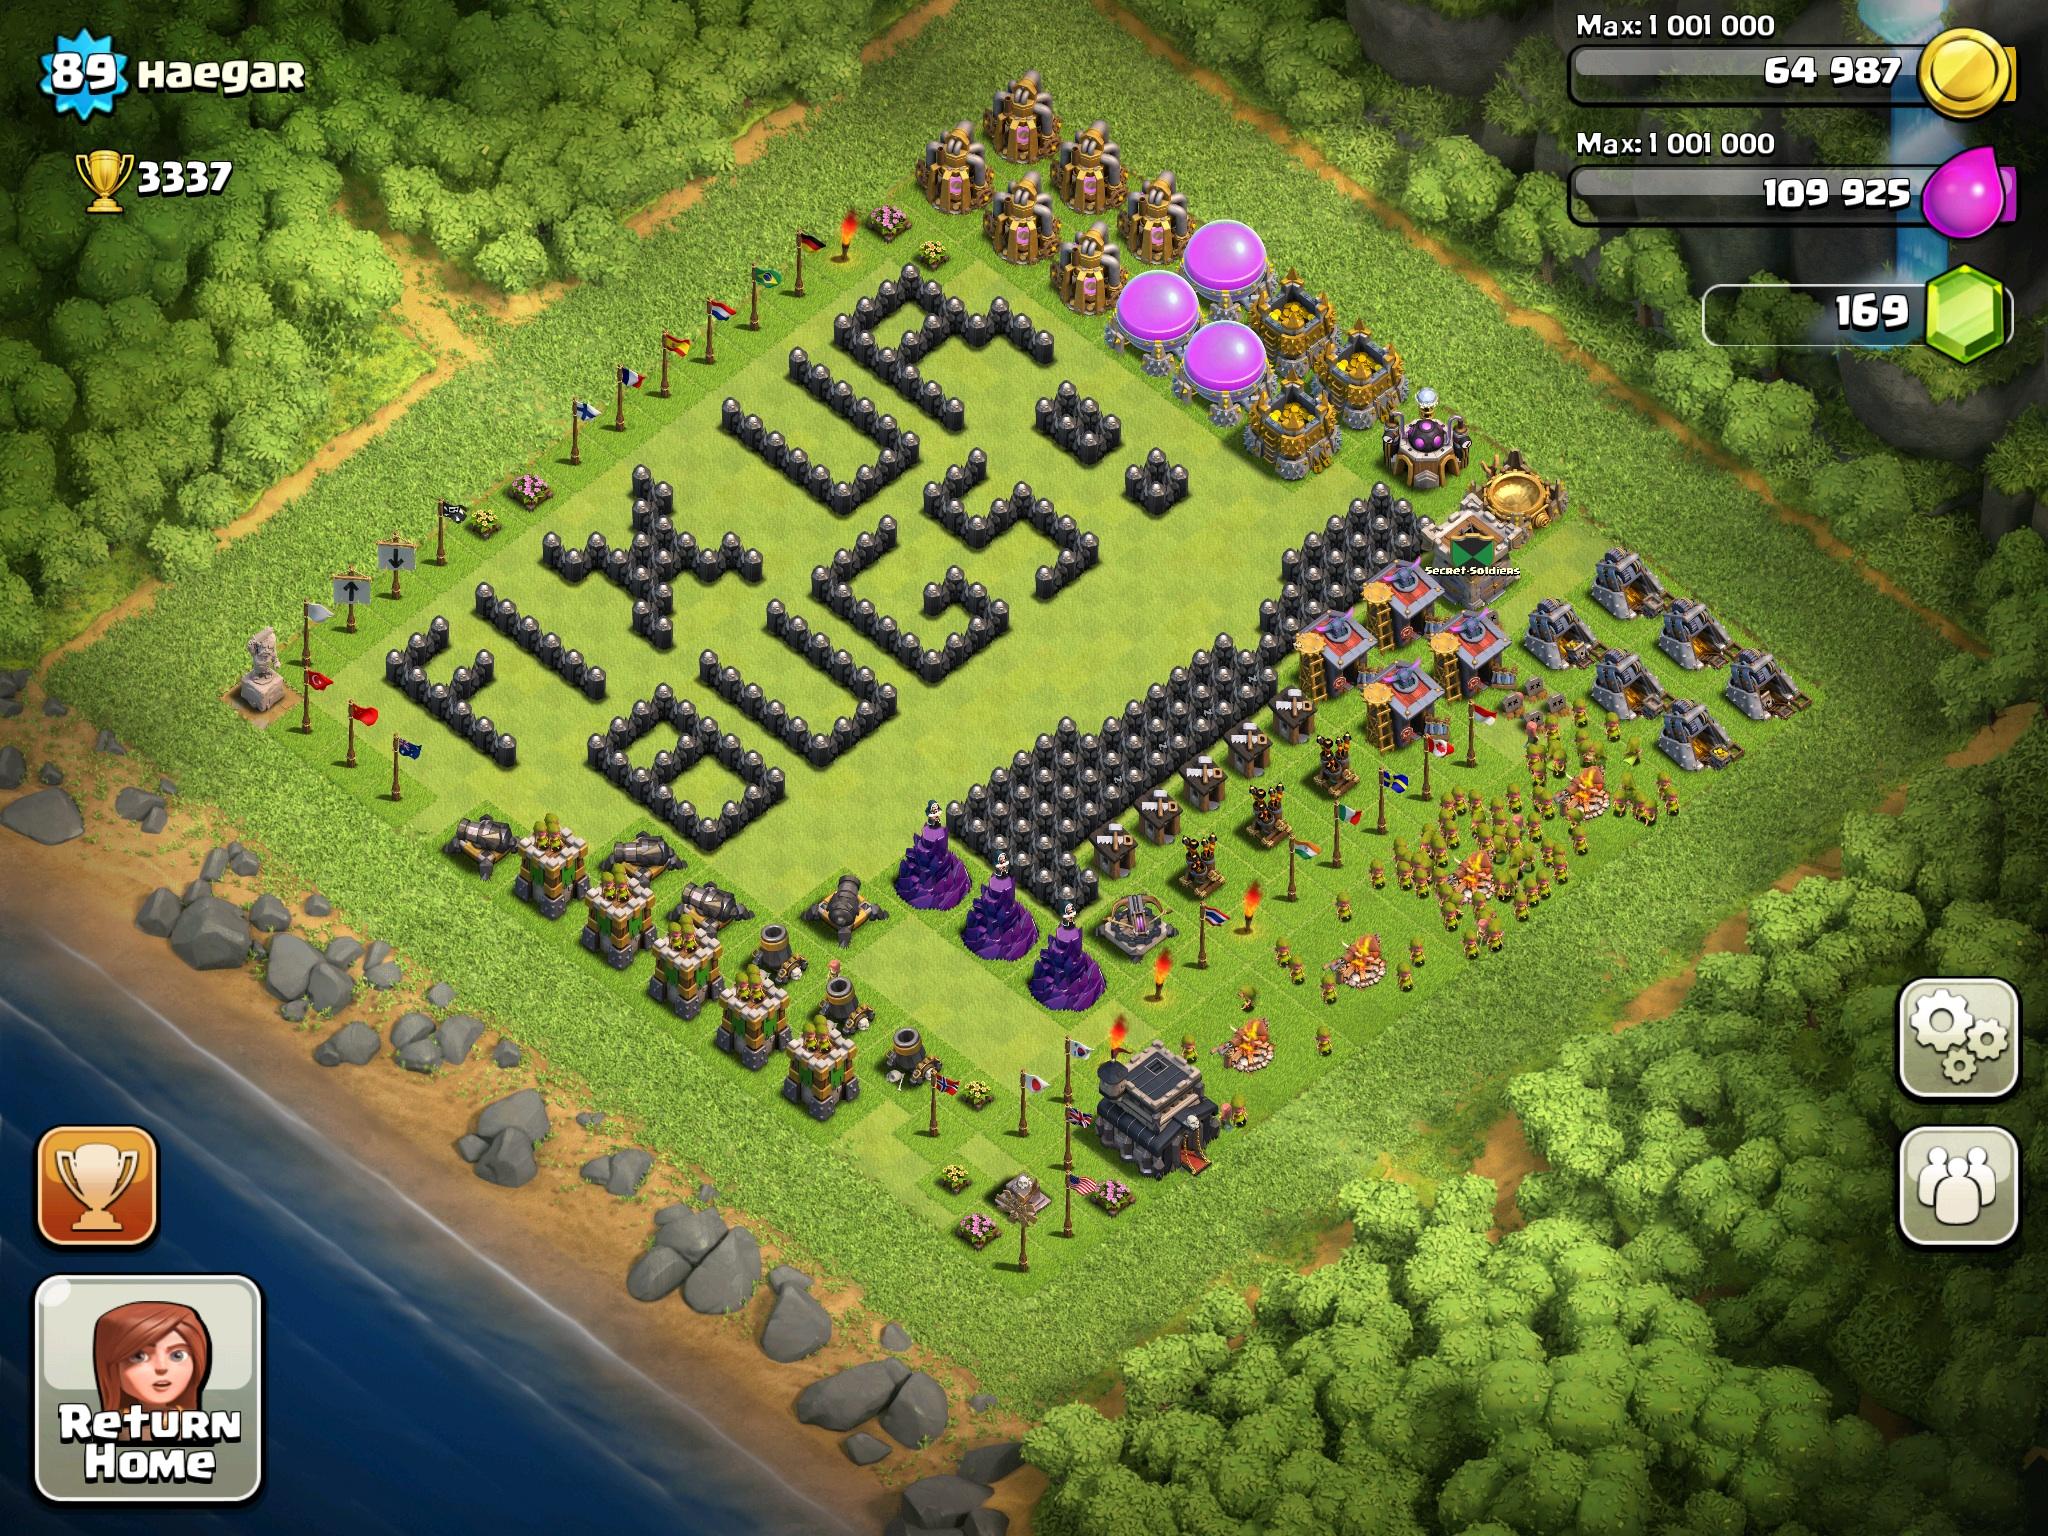 Les constructions de village improbables mais vrai... Fix_your_bugs